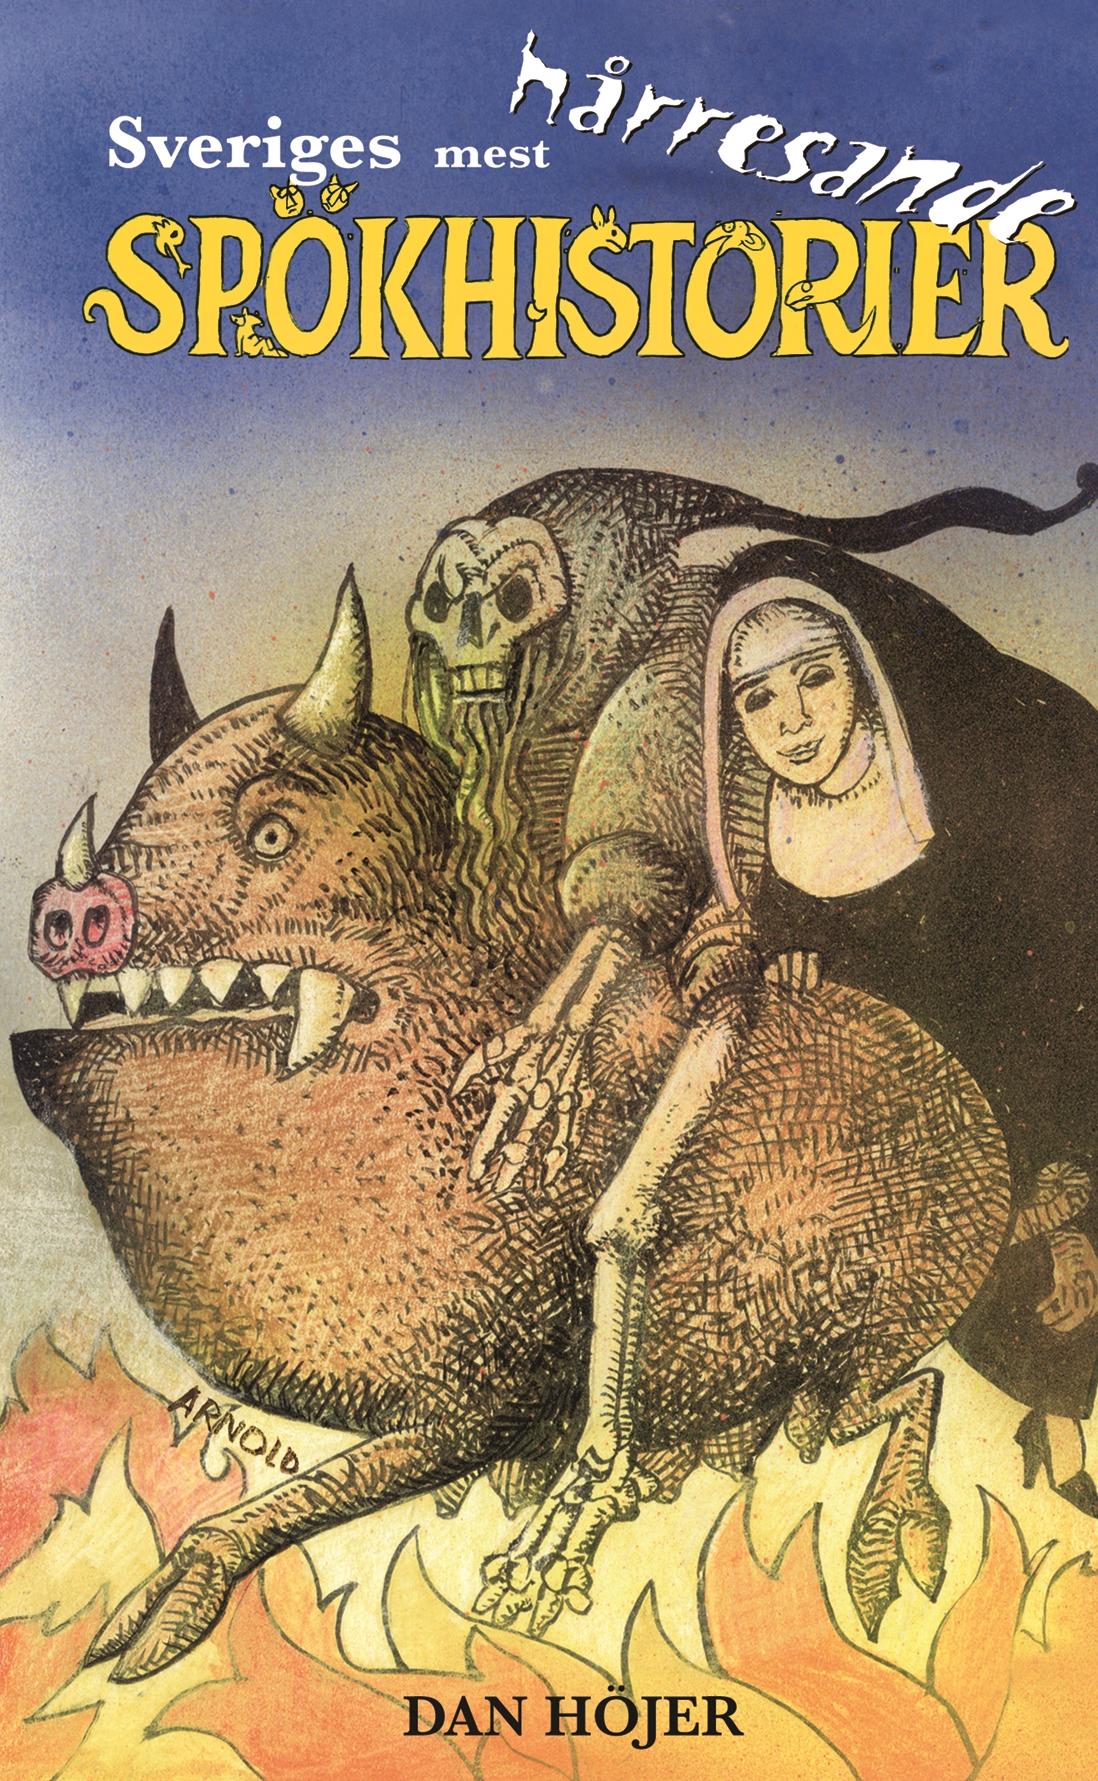 95e1dd31e8a Sveriges mest hårresande spökhistorier